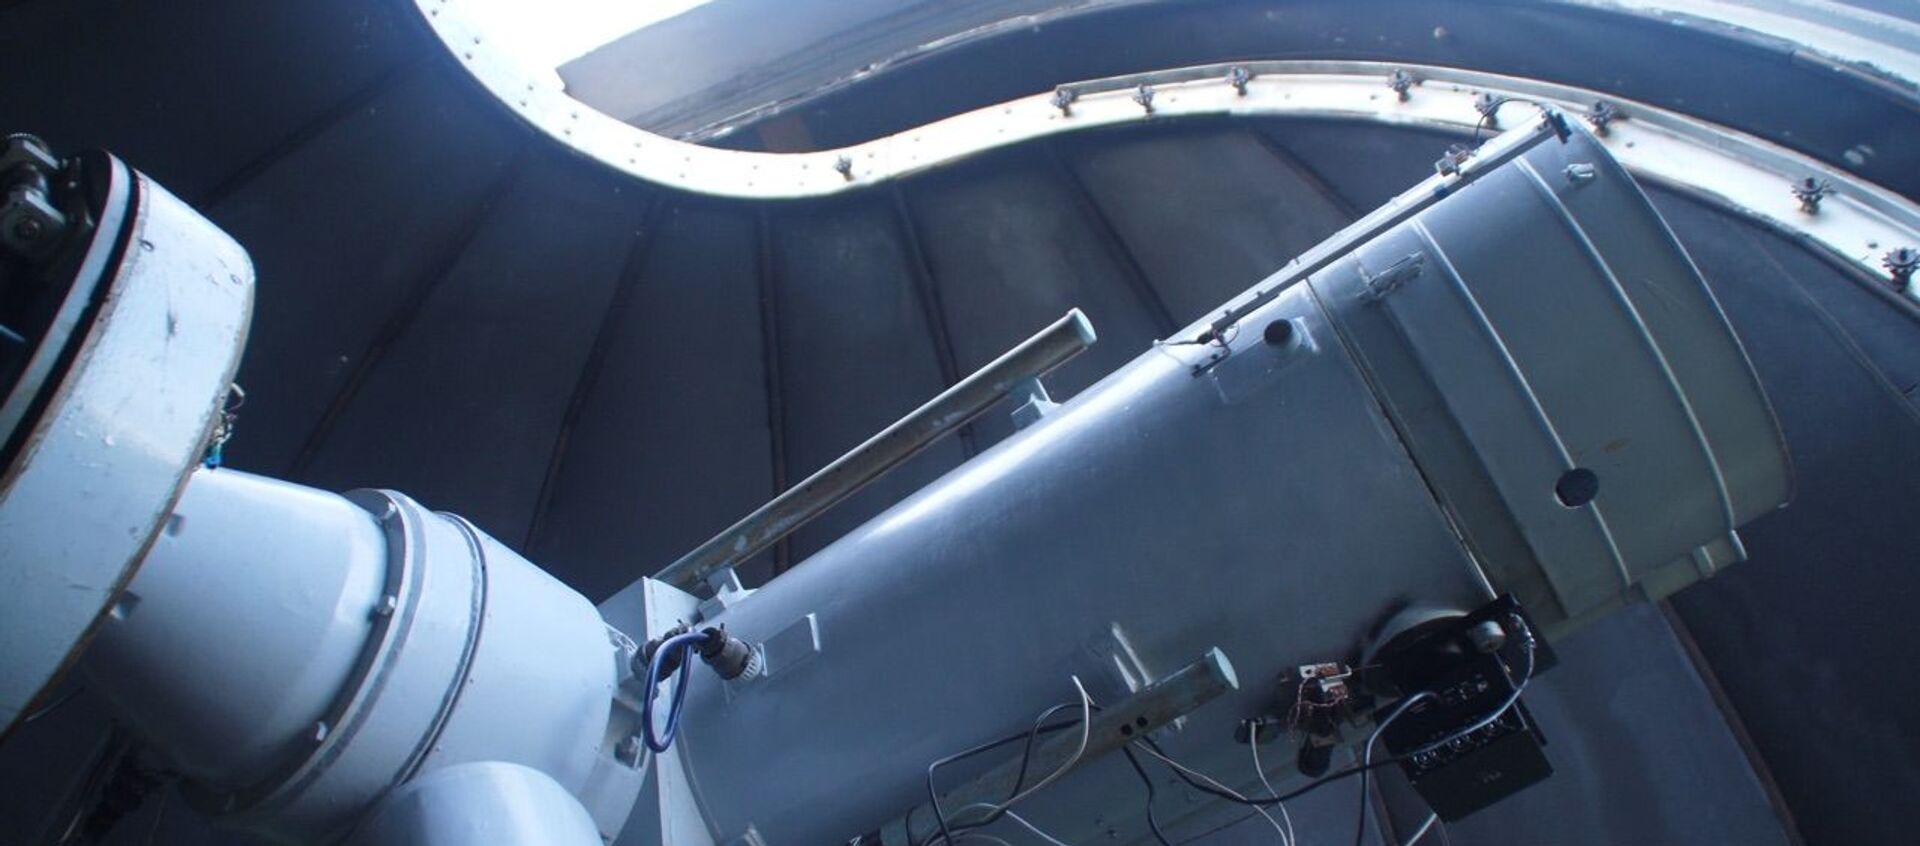 Telescopio de 1,2 metros en el Observatorio Astronómico Kourovo de la Universidad Federal de los Urales - Sputnik Mundo, 1920, 05.06.2019